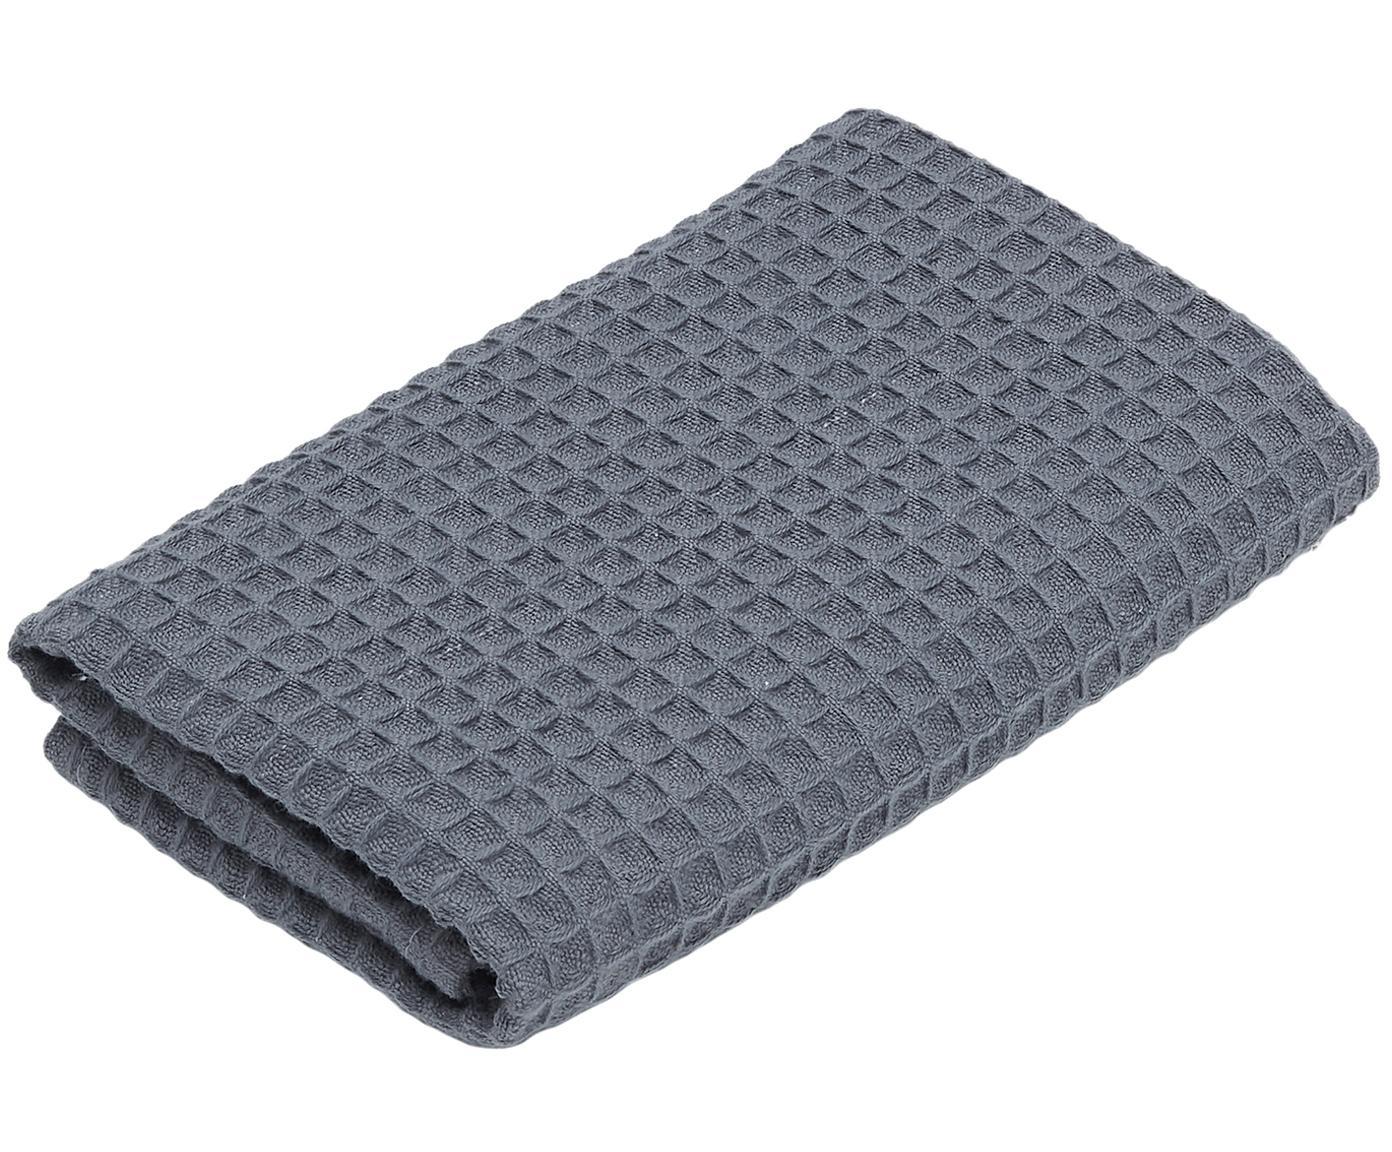 Wafelpiqué handdoek Karima, 100% katoen lichte kwaliteit, 250 g/m², Donkergrijs, Gastendoekje